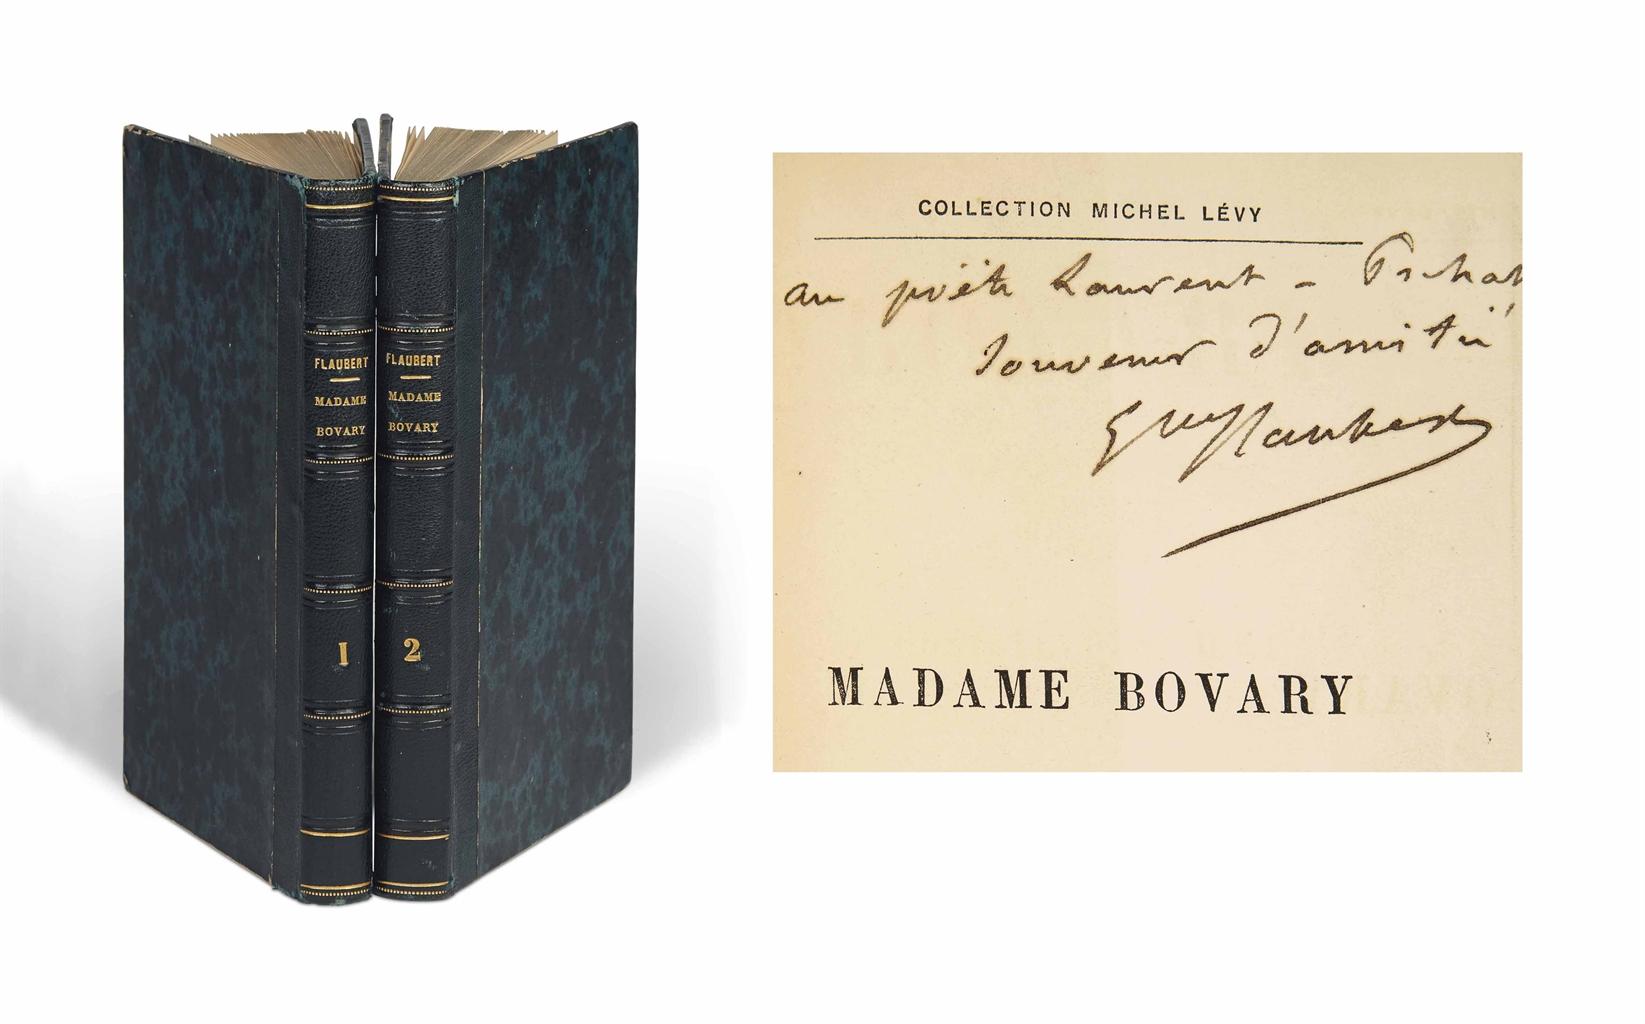 Gustave FLAUBERT (1821-1880). Madame Bovary. Moeurs de province. Paris: Michel Lévy frères, 1857. 2 volumes in-12 (175 x 114 mm). Reliure de l'époque, demi-maroquin bleu nuit, dos à nerfs.